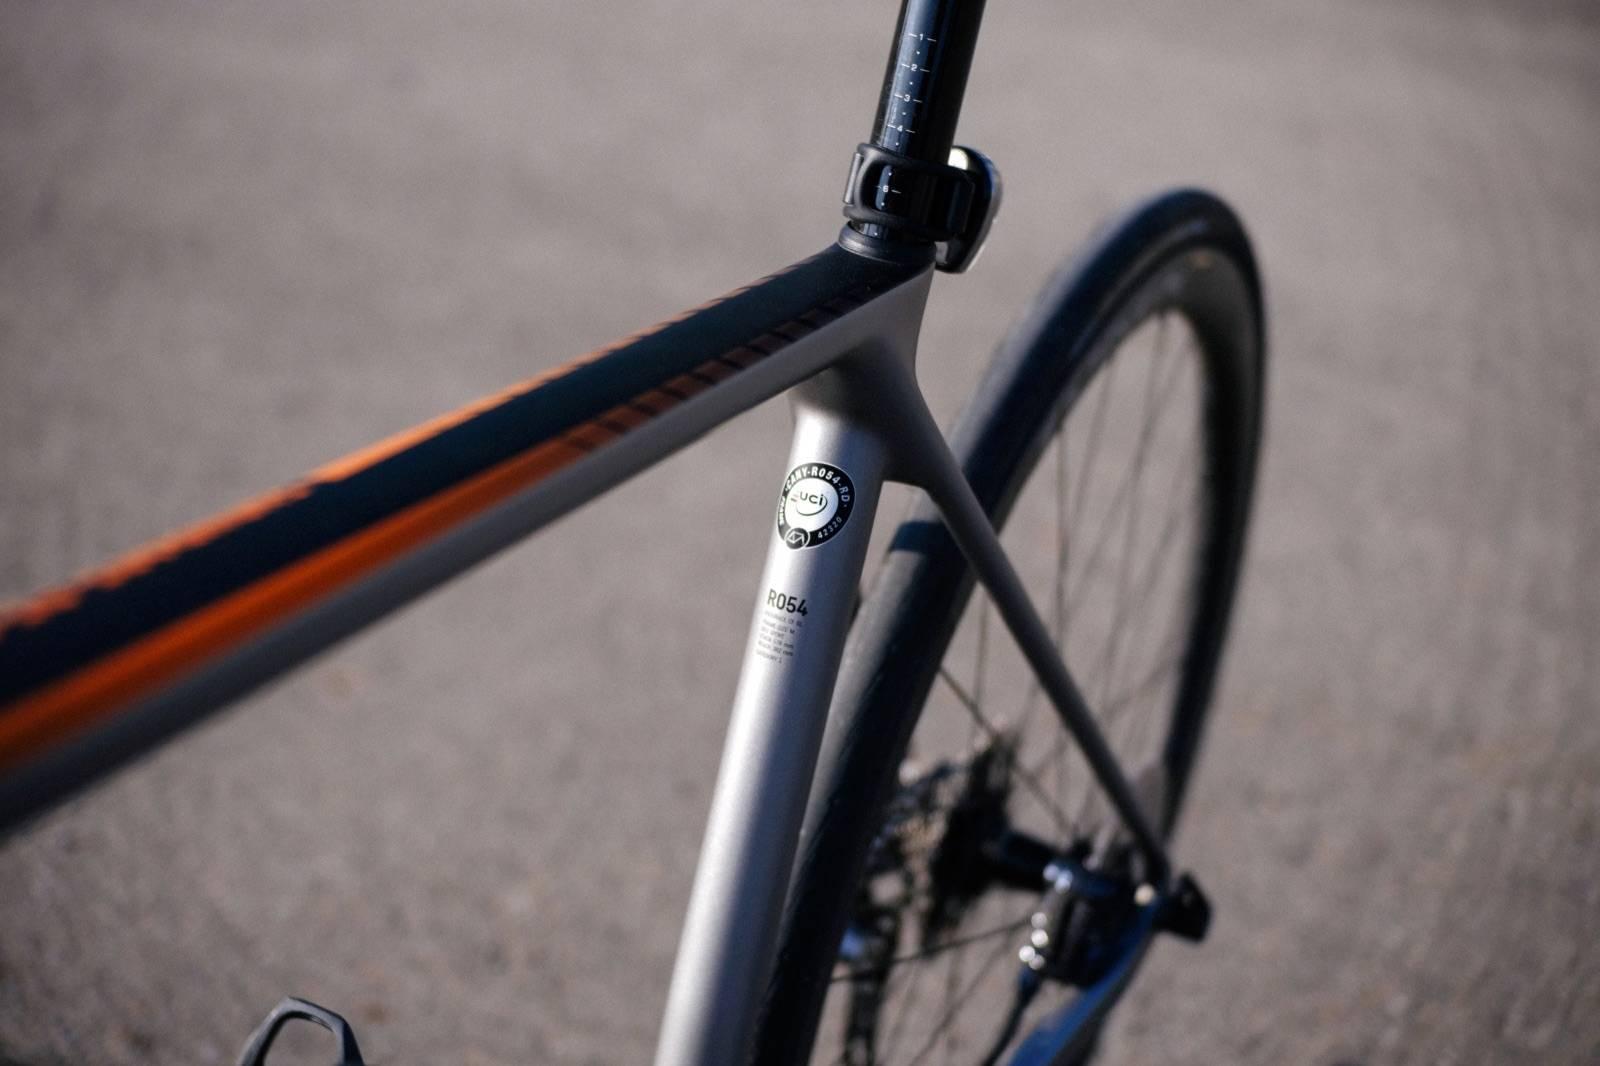 ท่อนั่งของจักรยาน Canyon Endurace CF SL